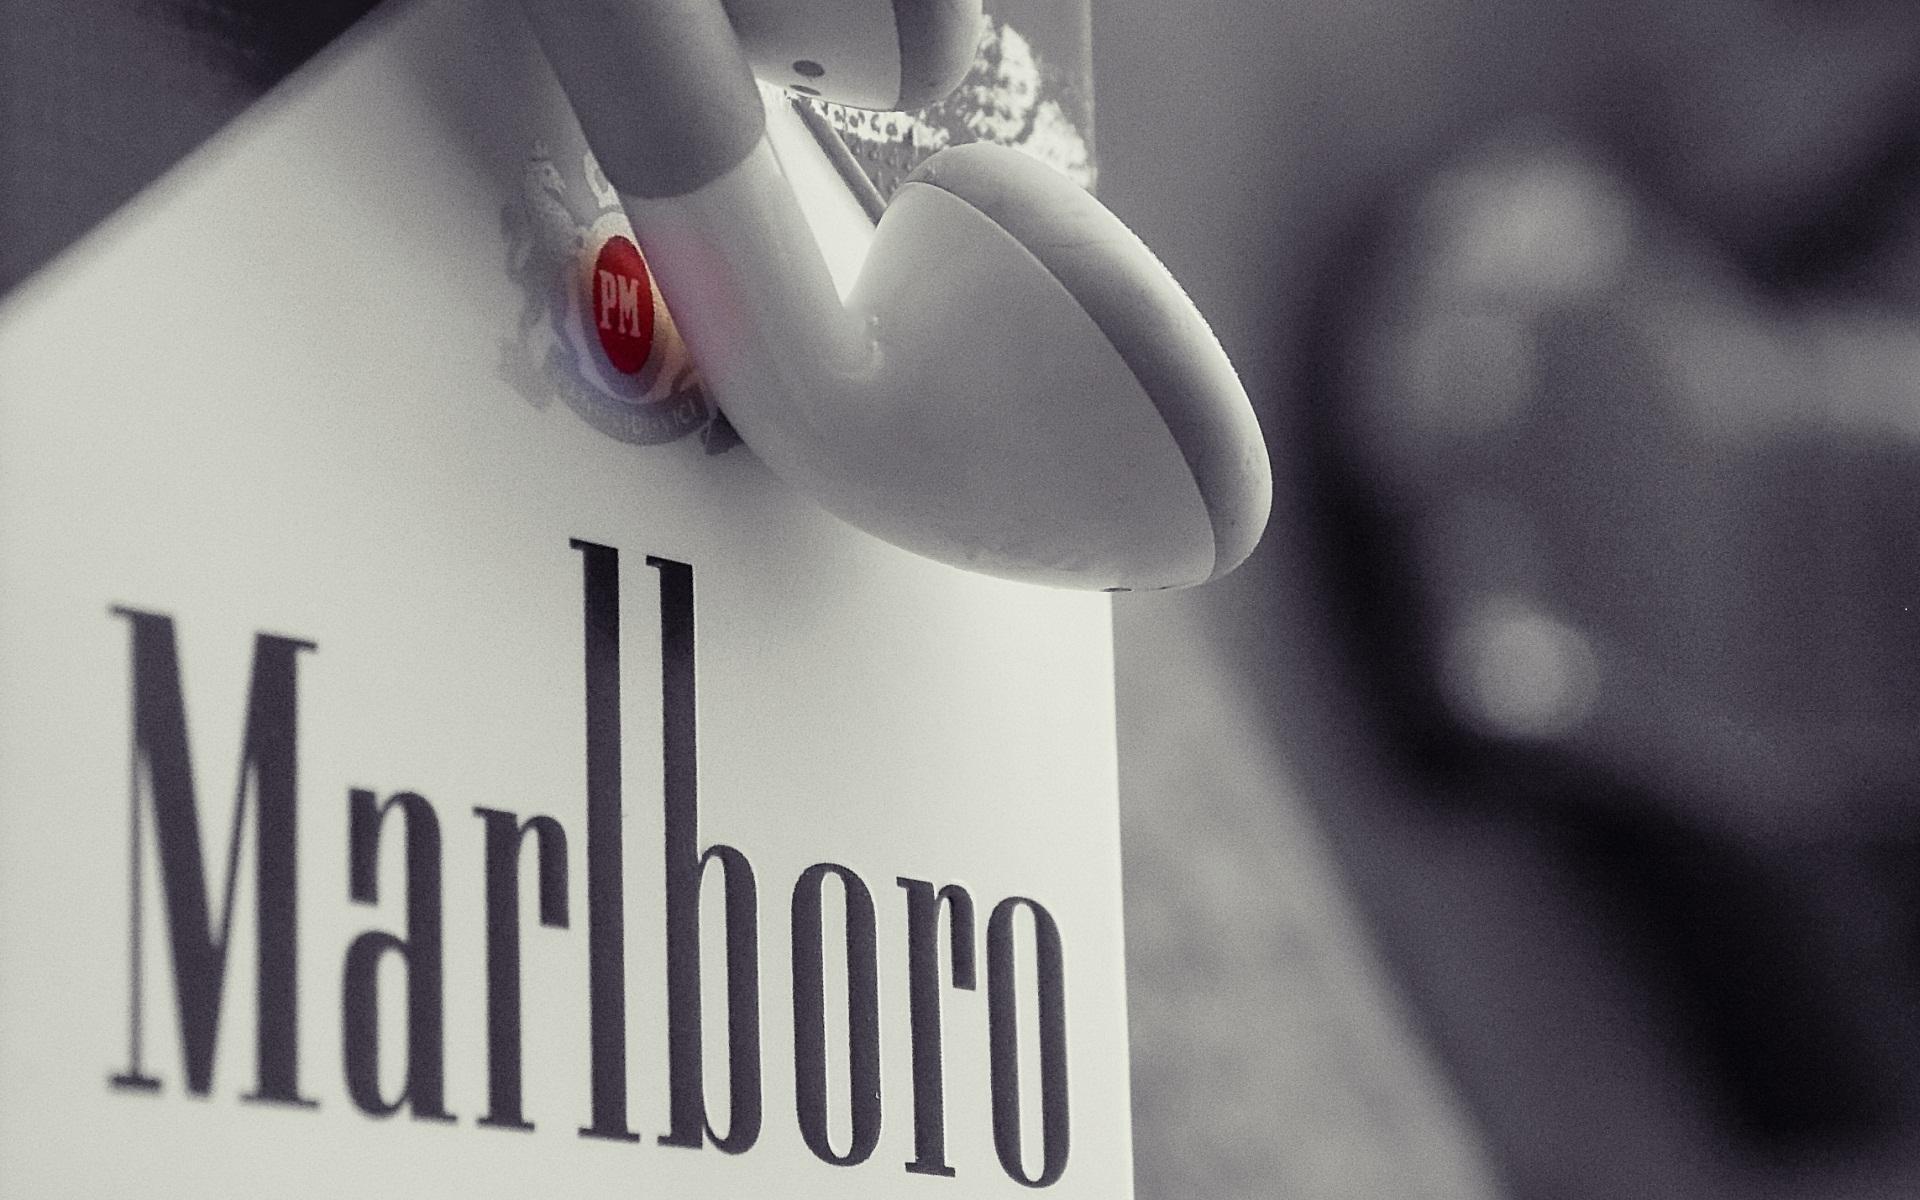 Download Wallpaper Marlboro Cigarettes Marlborough Headphones HD 1920x1200